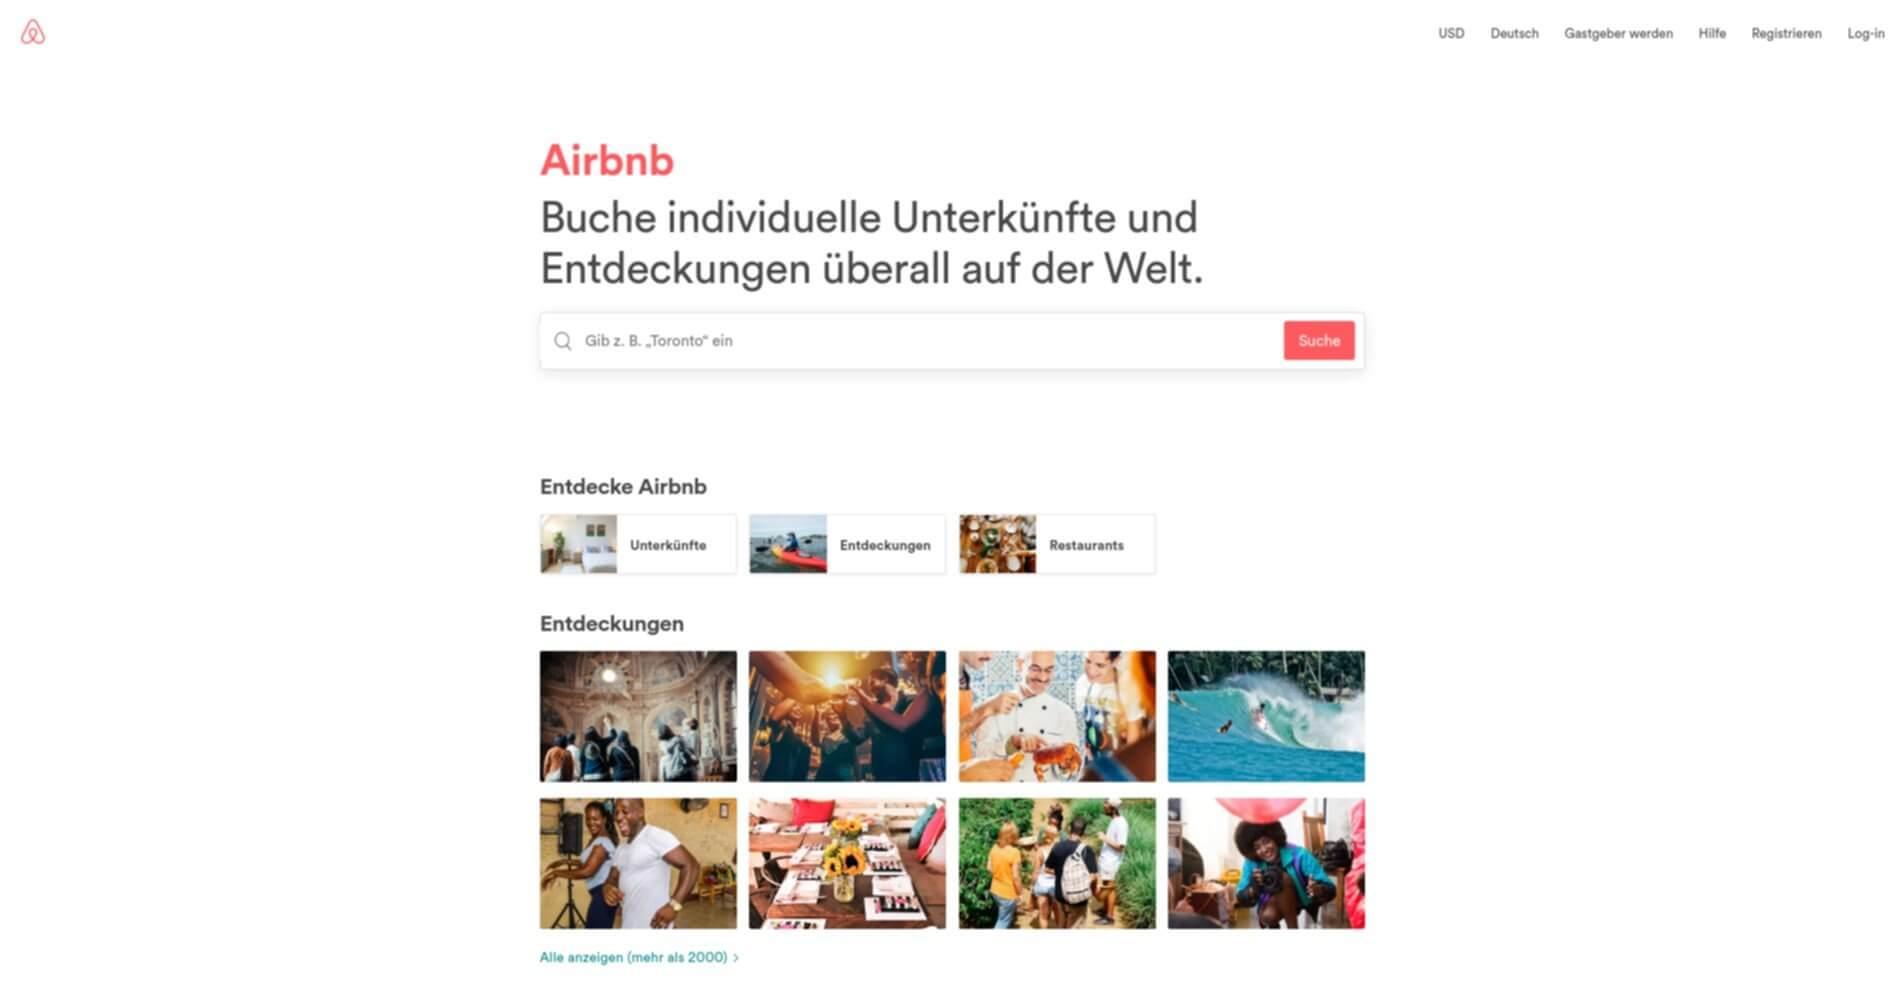 Airbnb Erfahrungen 2019 - Wie komfortabel & seriös sind die Unterkünfte?